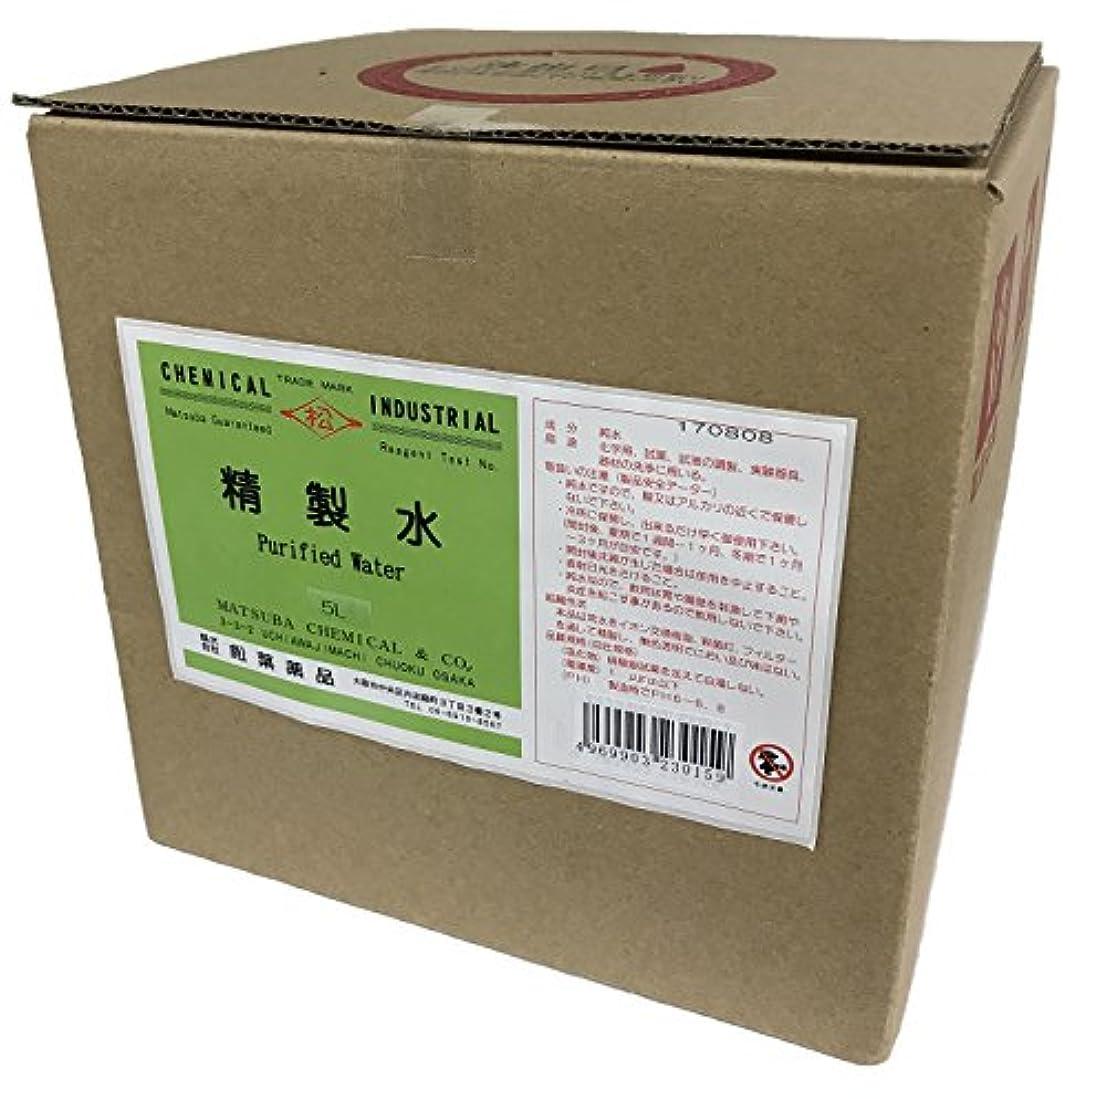 老人ハム顔料精製水(工業用)5L+コック付